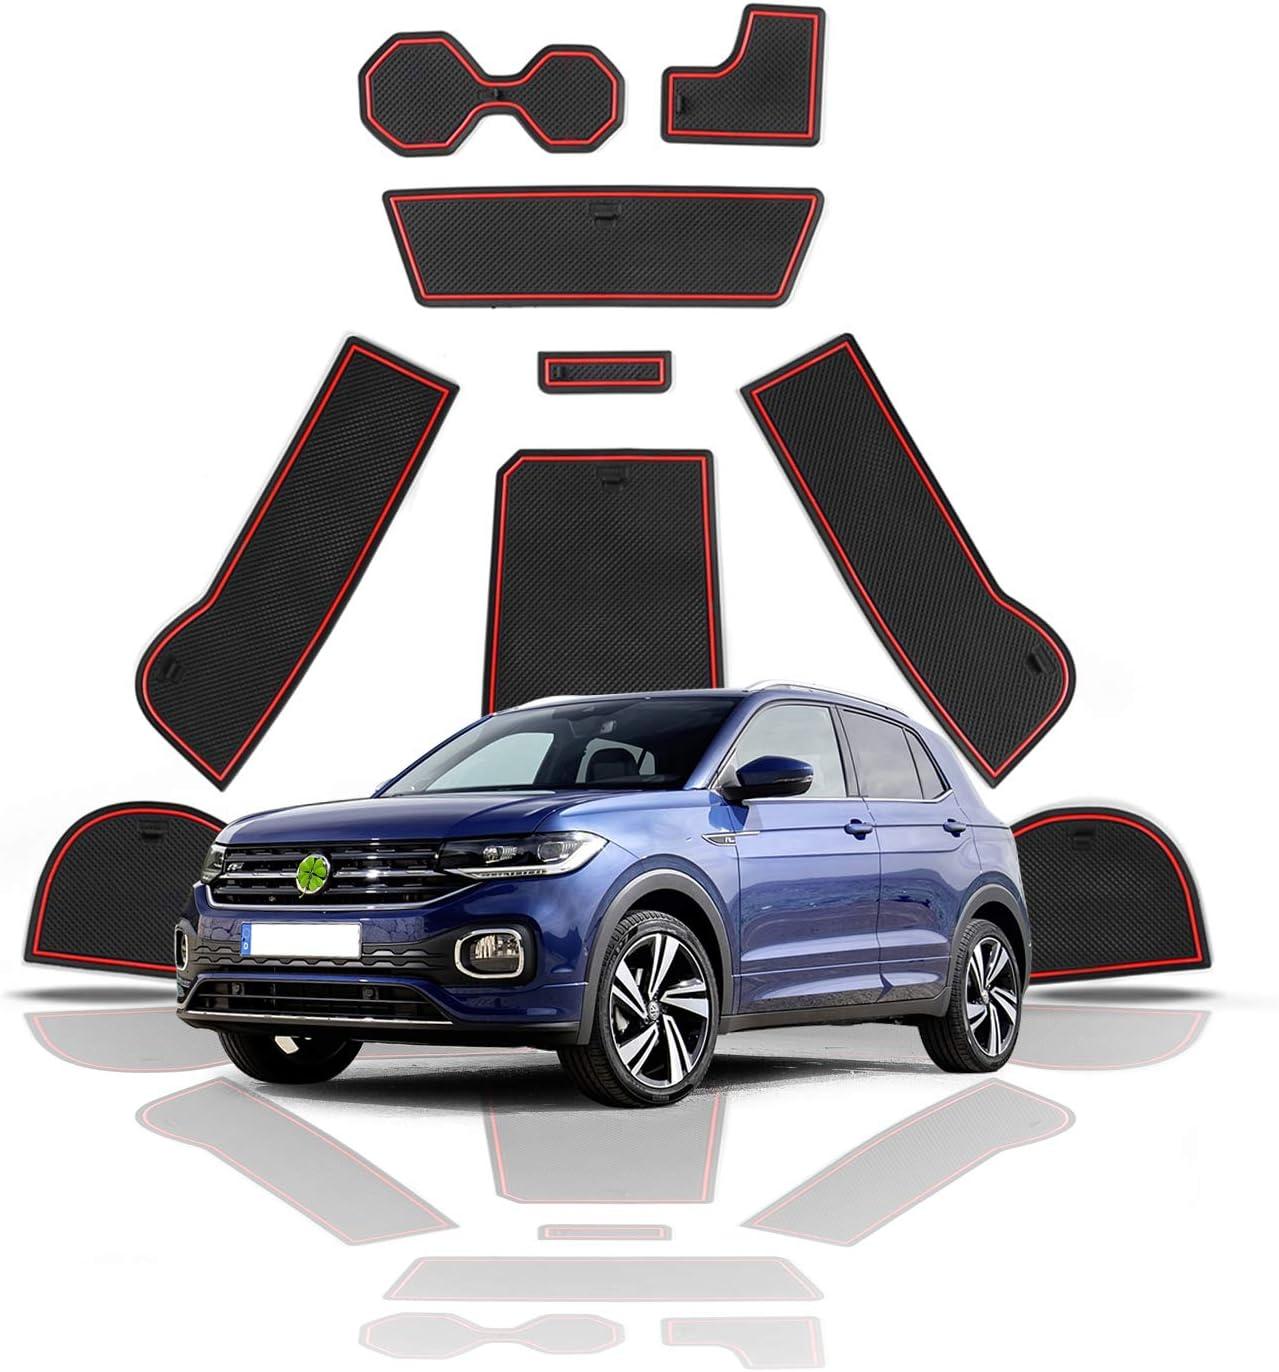 RUIYA T-Cross de goma antideslizante Esterillas antideslizantes para interior de coche con espacio para el brazo